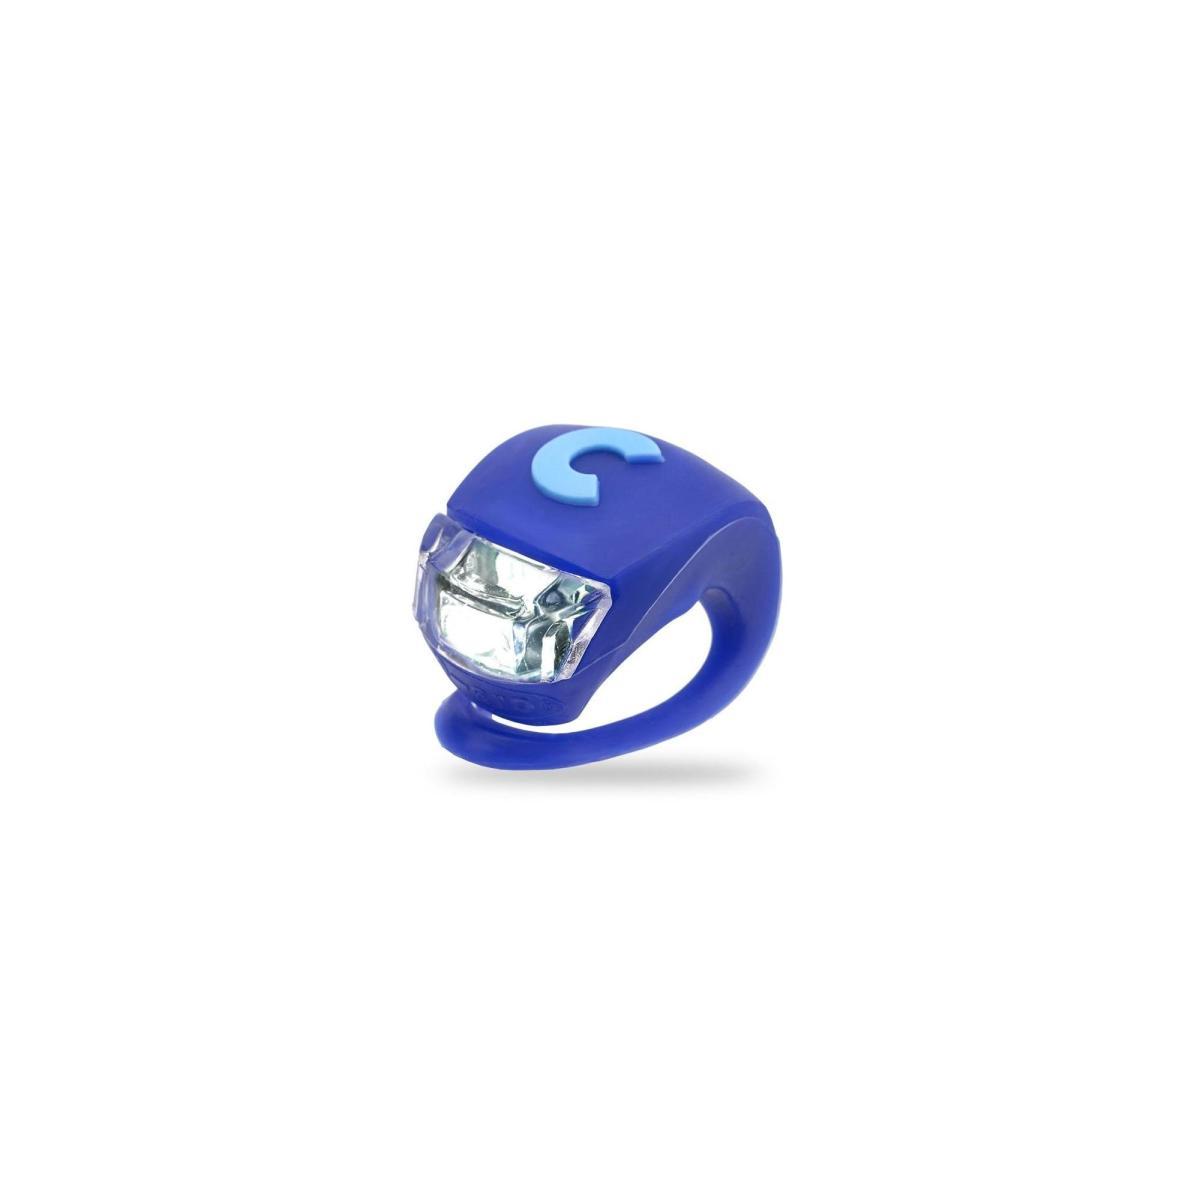 Blikačka Micro Deluxe Blue